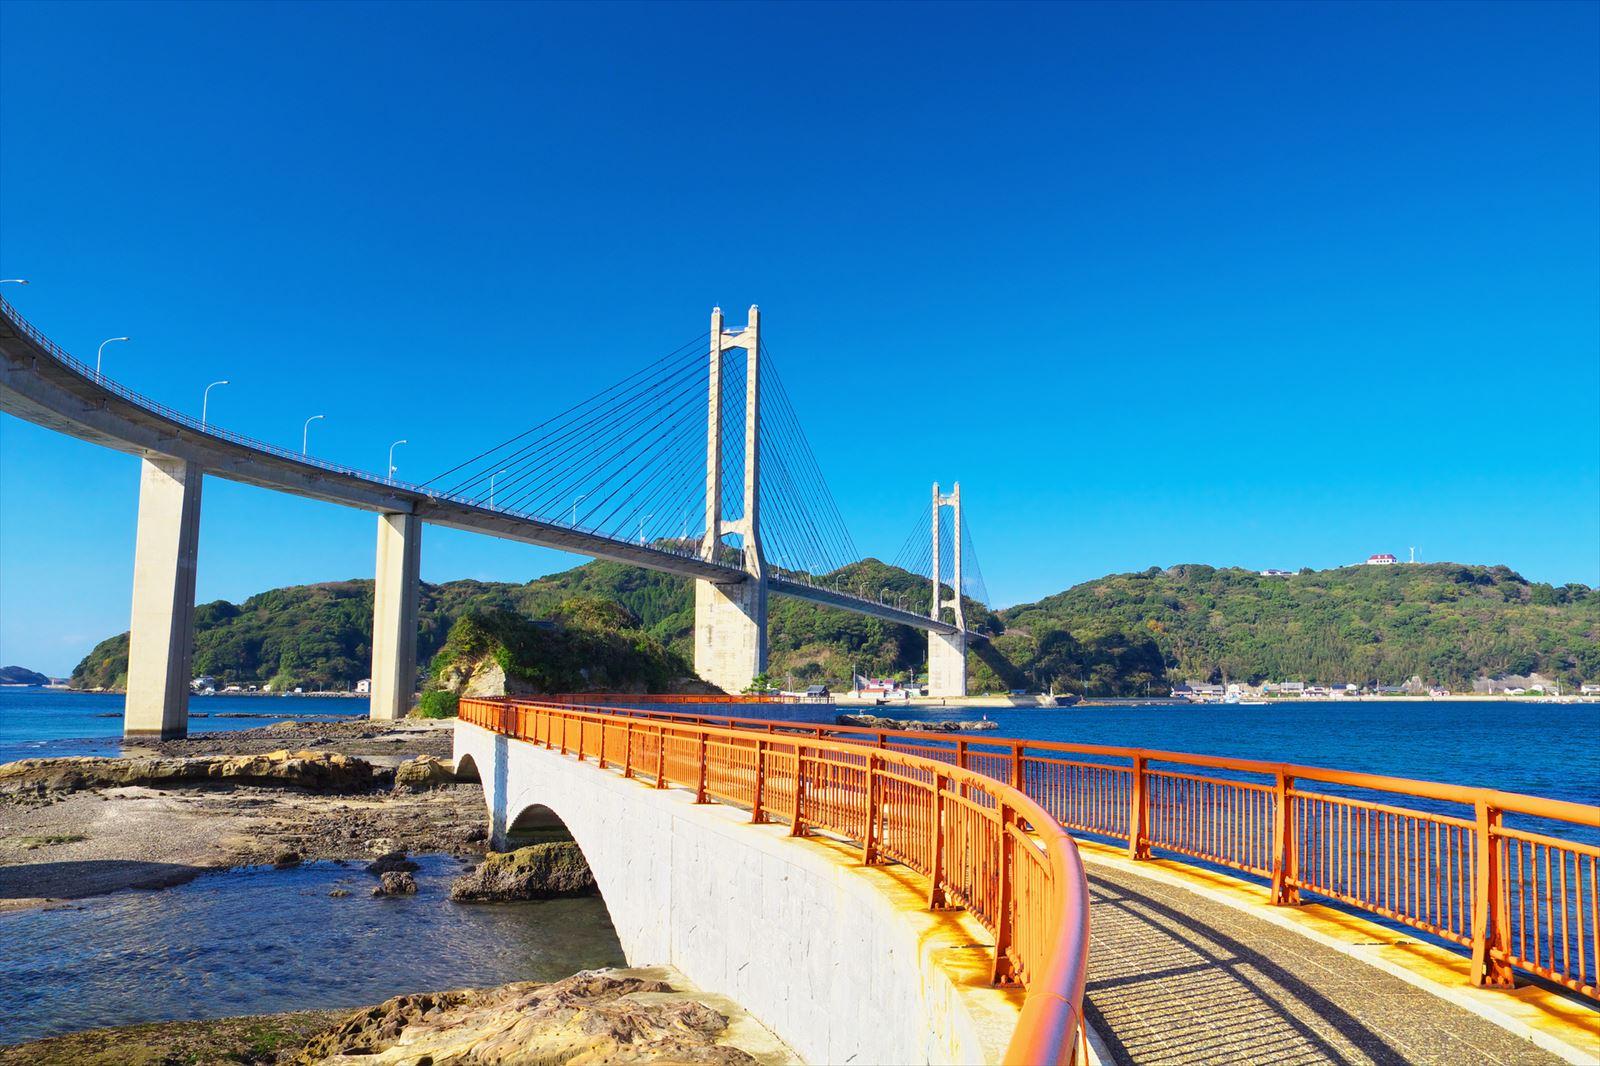 6D5N.Saga City.Economy.with Half Day DAISUKI.Saga City Tour (From Nagasaki (NGS) Airport) *Alpha Magic 20*